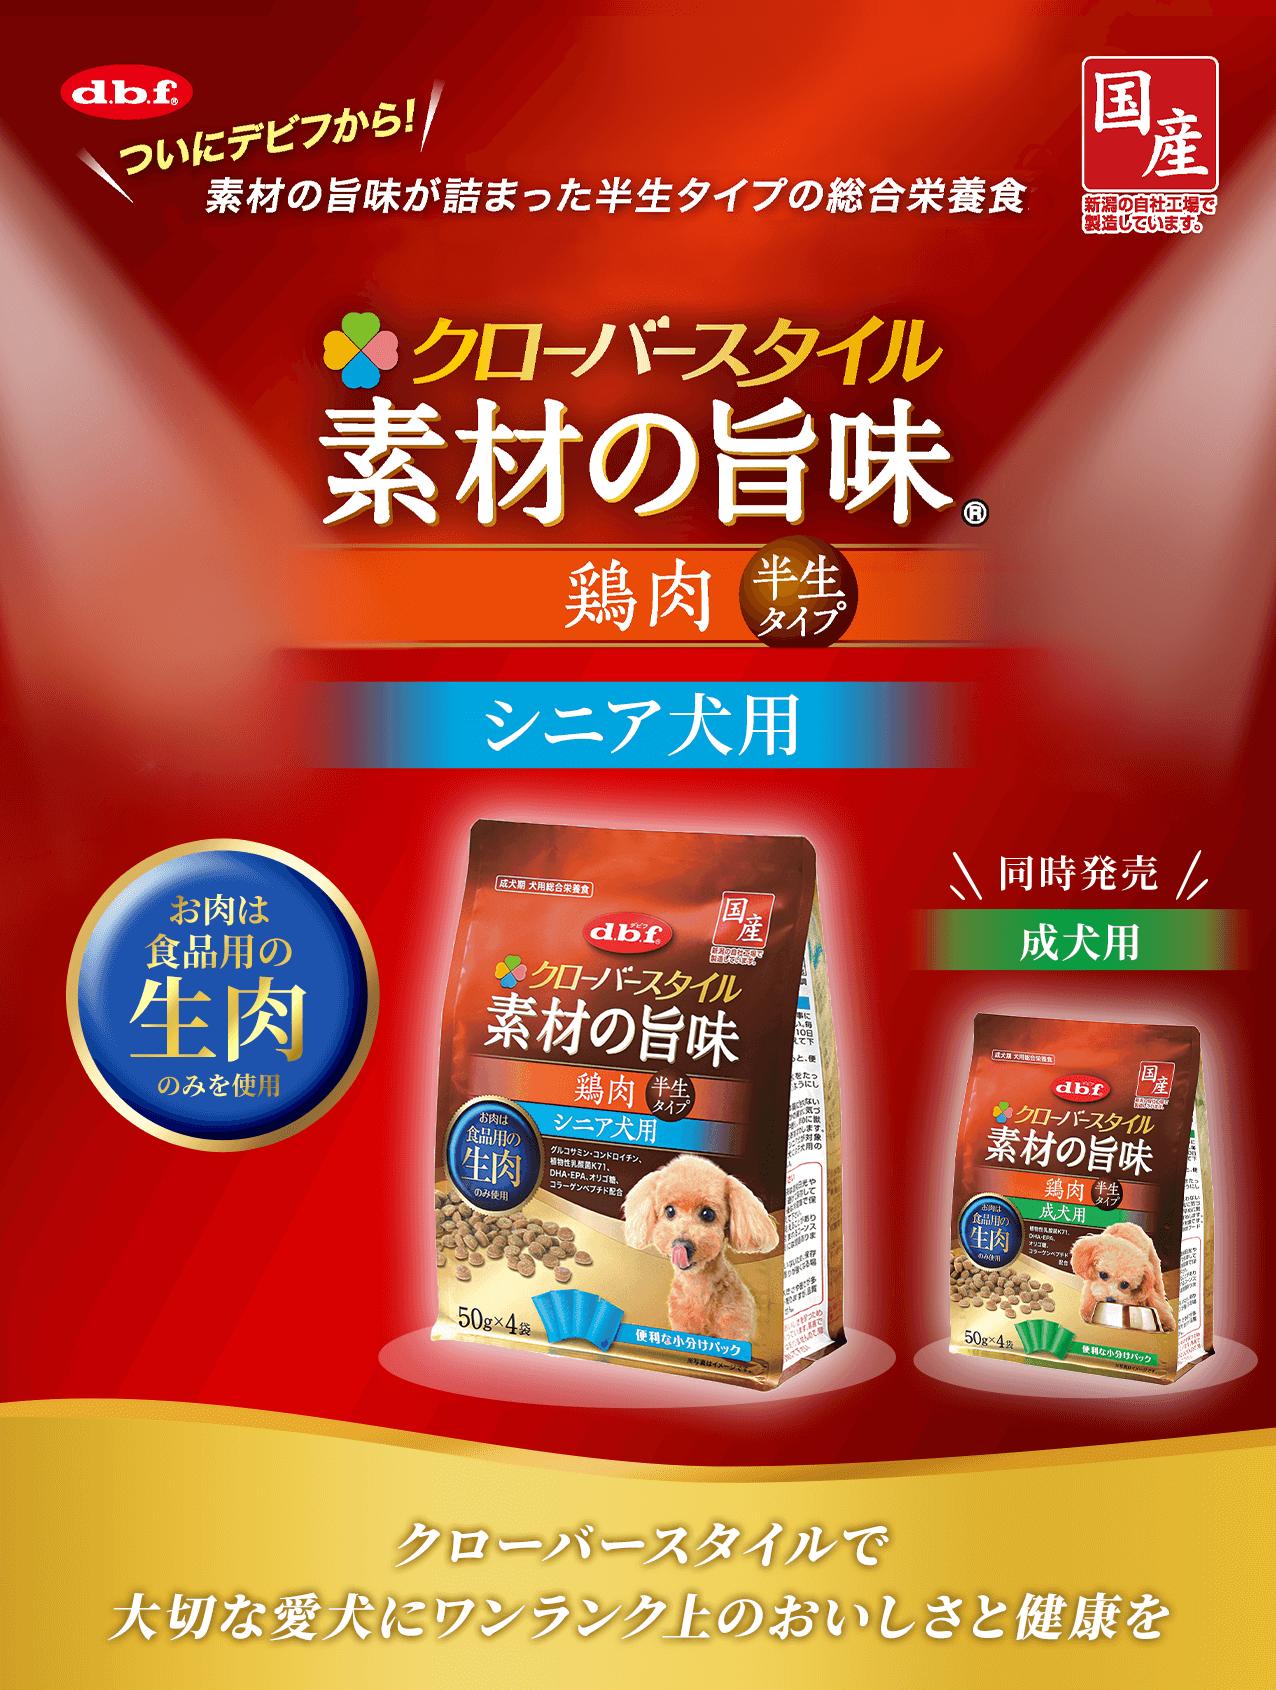 クローバースタイル 素材の旨味 鶏肉半生タイプ 成犬用 食品用鶏肉の生肉のみを使用 大切な愛犬にワンランク上のおいしさと健康を